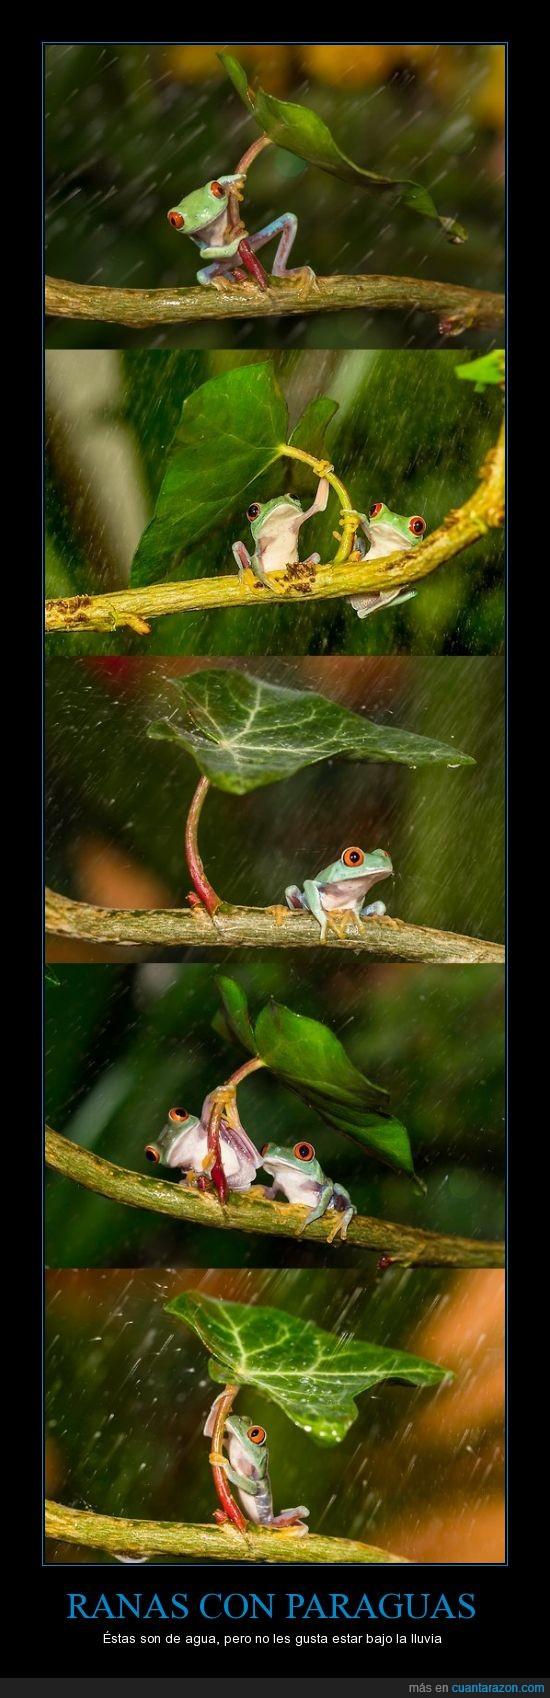 escampar,llover,lluvia,pagaguas,ranas,tapar